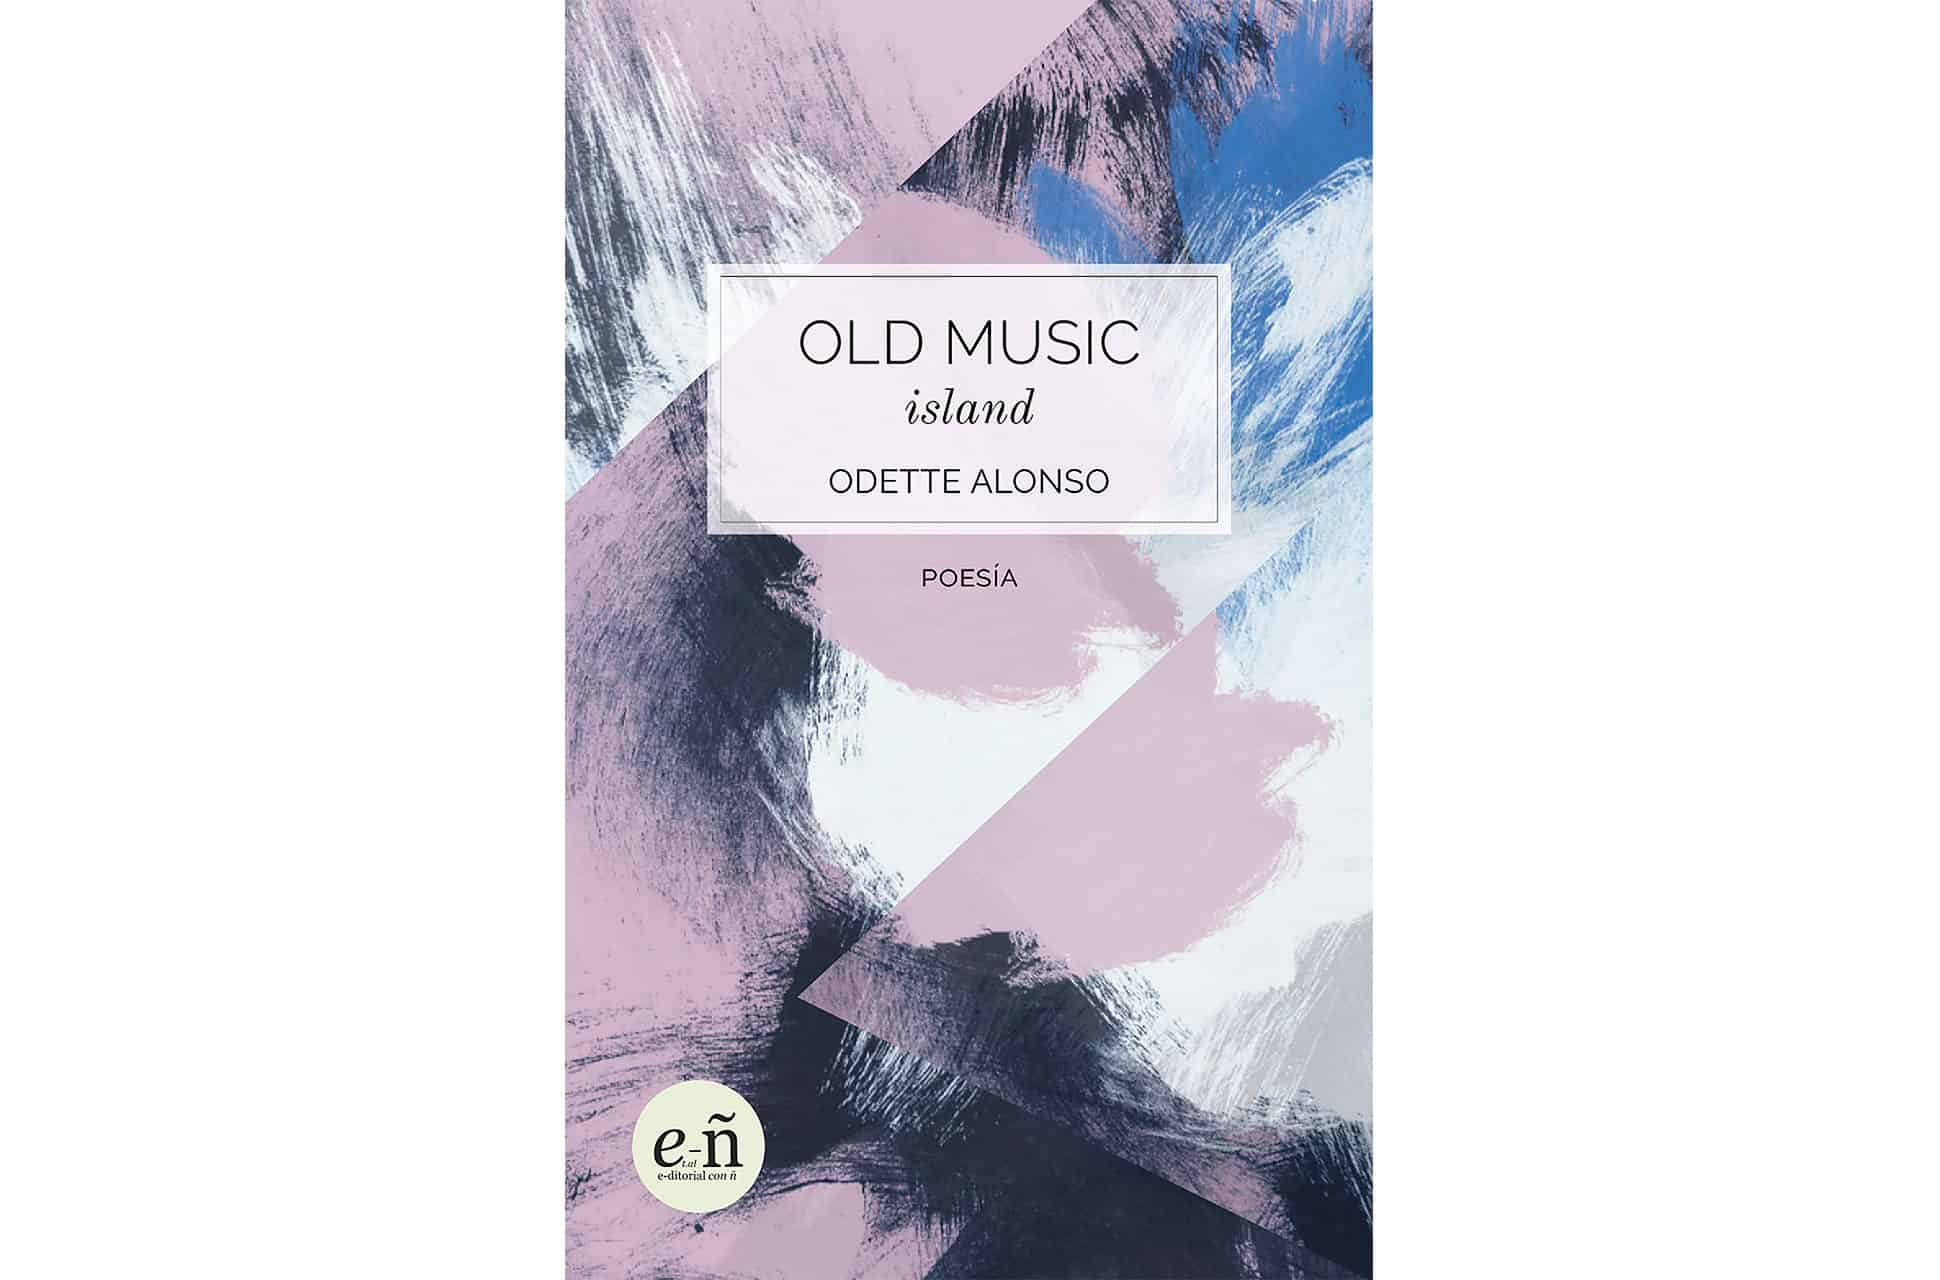 Ocho grandes libros de la literatura LGBTQ old-music-island-odette-alonso